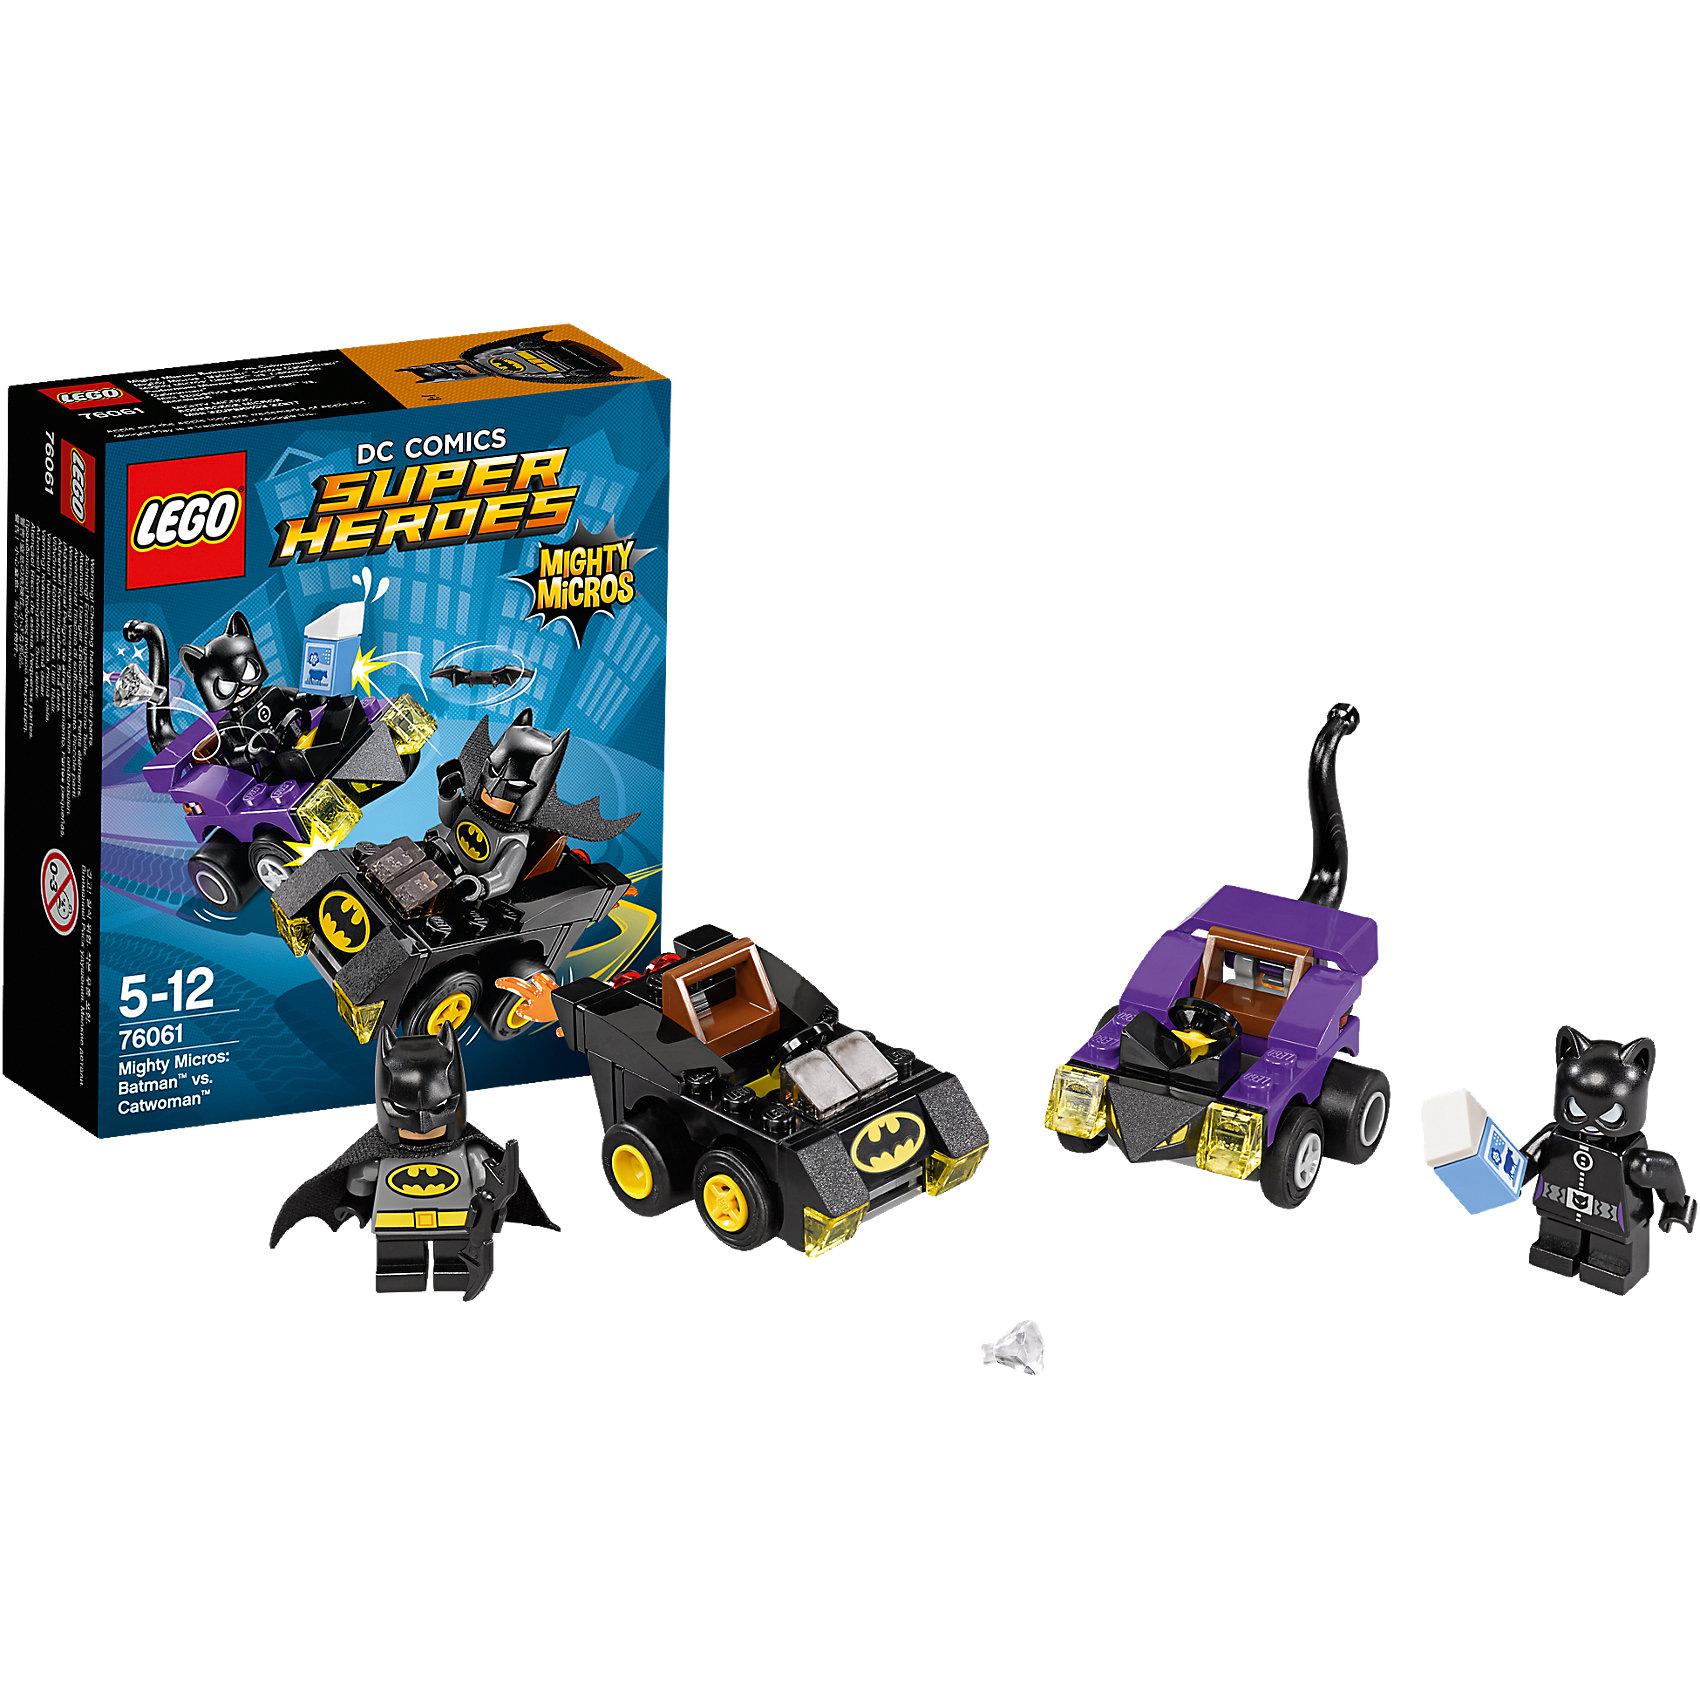 LEGO Super Heroes 76061: Бэтмен против Женщины?кошкиЖенщина?кошка похитила молоко и бриллиант и скрывается на своем кошачьем автомобиле. Лети за ней в погоню на Бэтмобиле. Запусти Батаранг и не дай воришке ускользнуть!<br><br>LEGO Super Heroes (ЛЕГО Супер Герои) - серия конструкторов созданная специально по мотивам всеми известных комиксов. Спасай мир и борись со злом вместе с любимыми супергероями! Наборы серии можно комбинировать между собой, давая безграничные просторы для фантазии и придумывая свои новые истории. <br><br>Дополнительная информация:<br><br>- Конструкторы ЛЕГО развивают усидчивость, внимание, фантазию и мелкую моторику. <br>- 2 минифигурки в комплекте: Бэтмен, Женщина-кошка. <br>- В комплекте 2 минифигурки, машина Женщины-кошки, машина Бэтмена.<br>- Колеса машин вращаются.<br>- Количество деталей: 80.<br>- Серия ЛЕГО Супер Герои (LEGO Super Heroes).<br>- Материал: пластик.<br>- Размер упаковки: 14х4,6х12 см.<br>- Вес: 0.09 кг.<br><br>Конструктор LEGO Super Heroes 76061: Бэтмен против Женщины?кошки можно купить в нашем магазине.<br><br>Ширина мм: 144<br>Глубина мм: 121<br>Высота мм: 48<br>Вес г: 84<br>Возраст от месяцев: 60<br>Возраст до месяцев: 144<br>Пол: Мужской<br>Возраст: Детский<br>SKU: 4259163